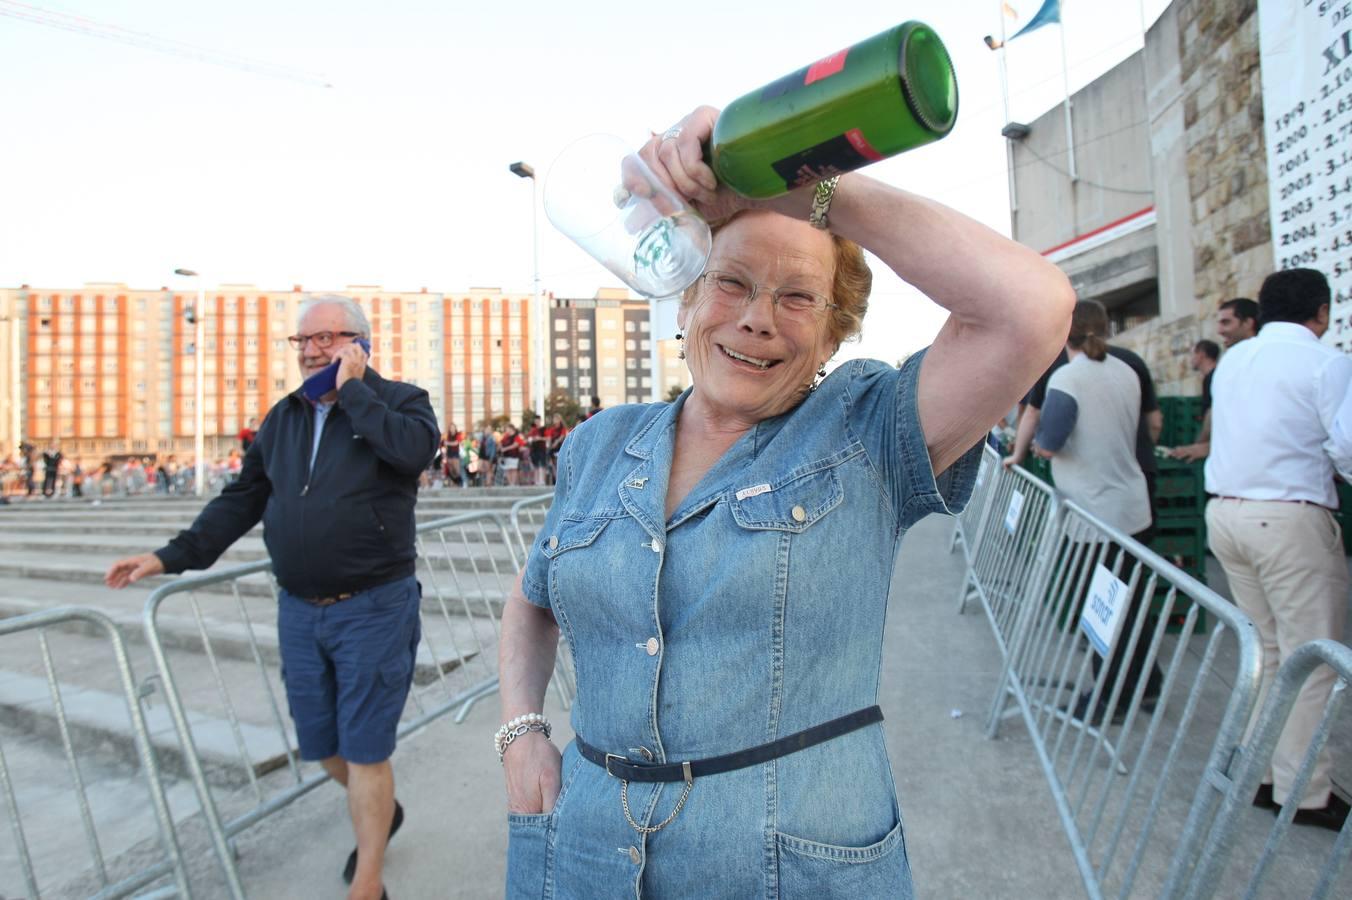 Todas las fotos del récord de escanciado de sidra en Gijón - Galería 24